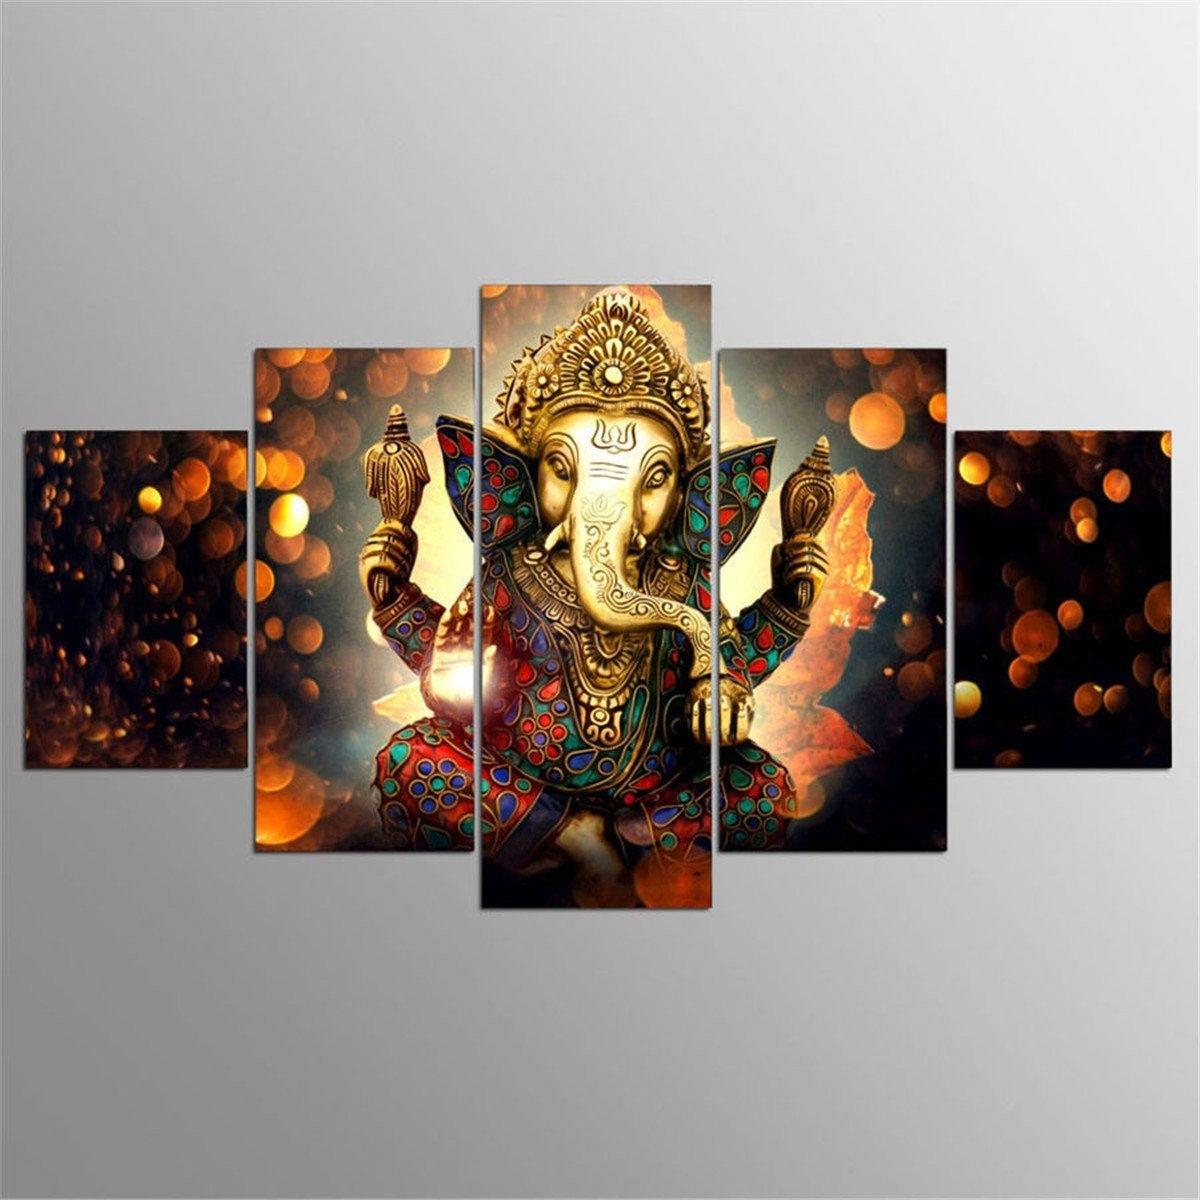 5Pcs Ganesha Painting Abstract Print Modern Canvas Wall Art Poster Regarding Newest Abstract Ganesha Wall Art (View 6 of 20)